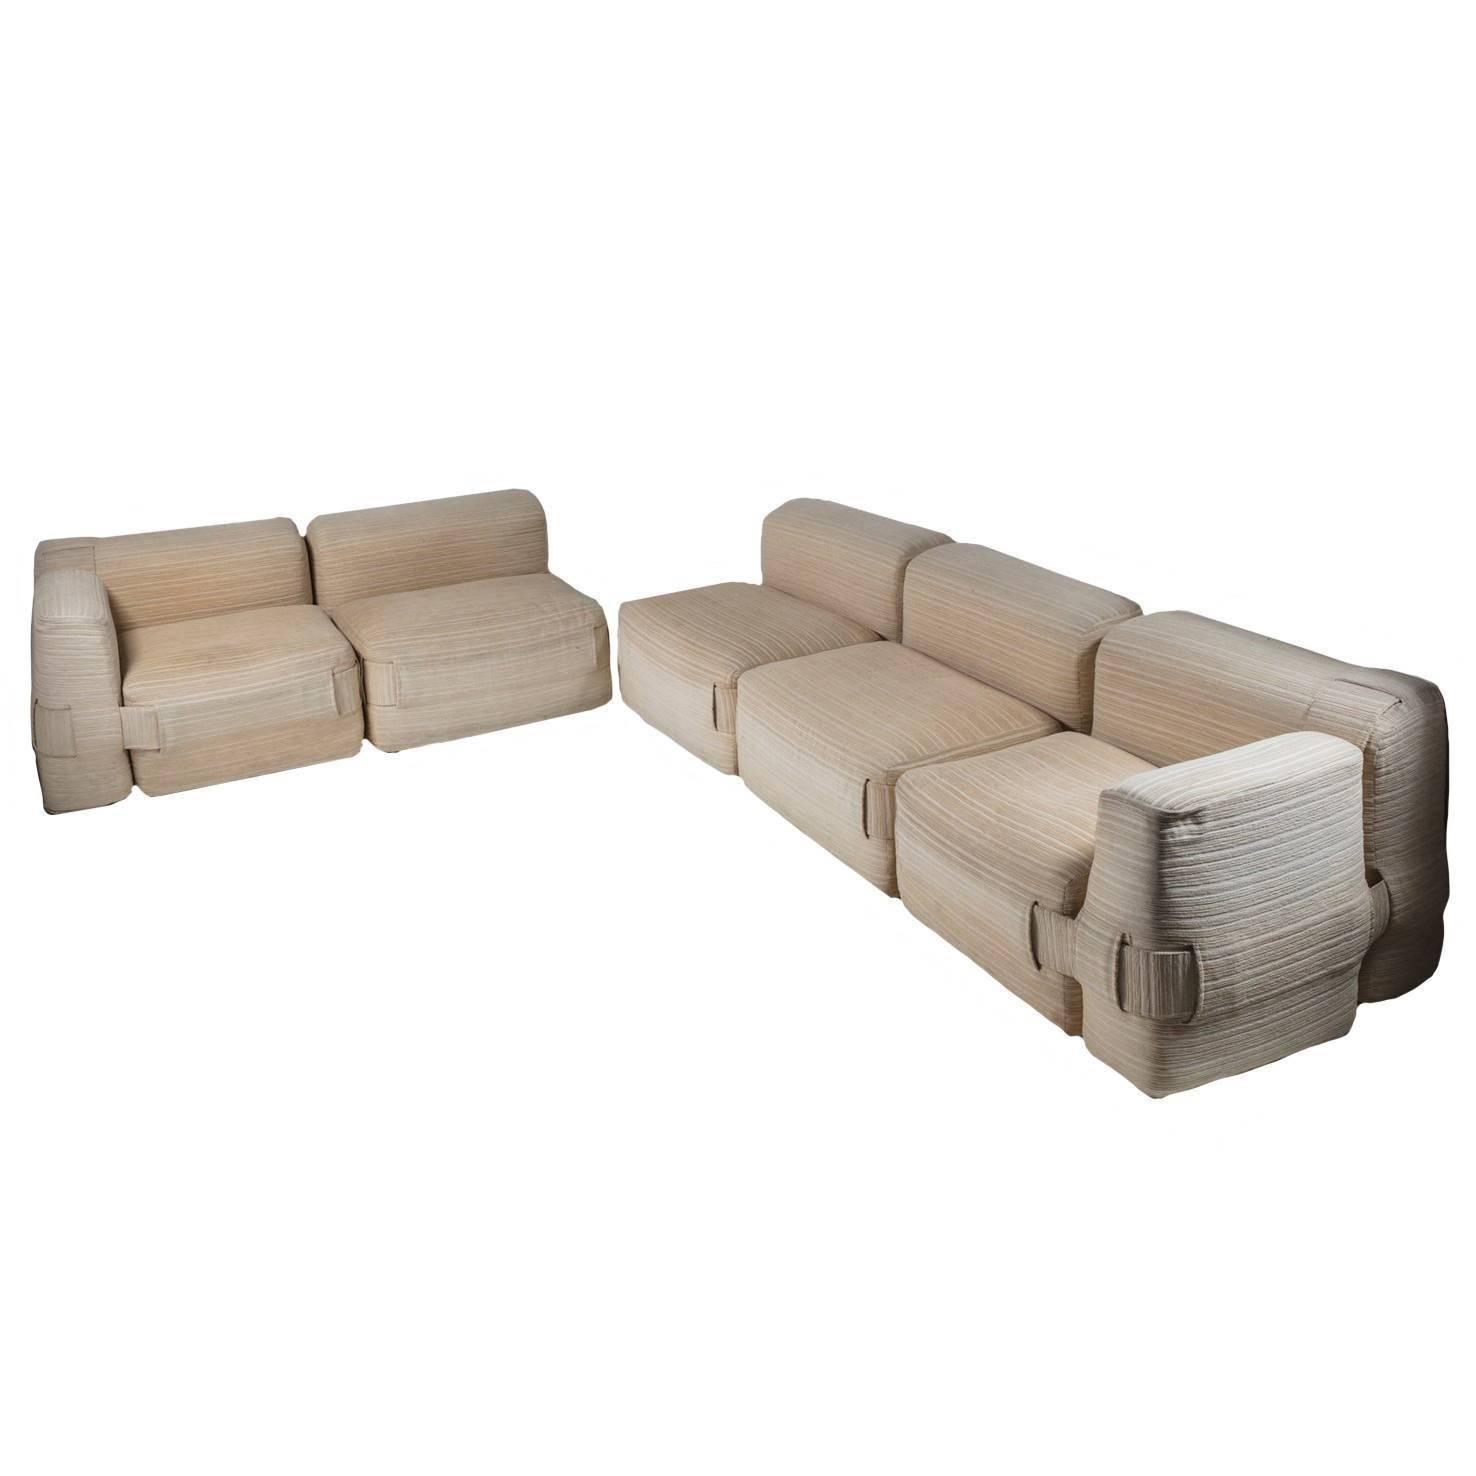 20+ Choices Of Bellini Sofas | Sofa Ideas throughout Bellini Sofas (Image 2 of 15)